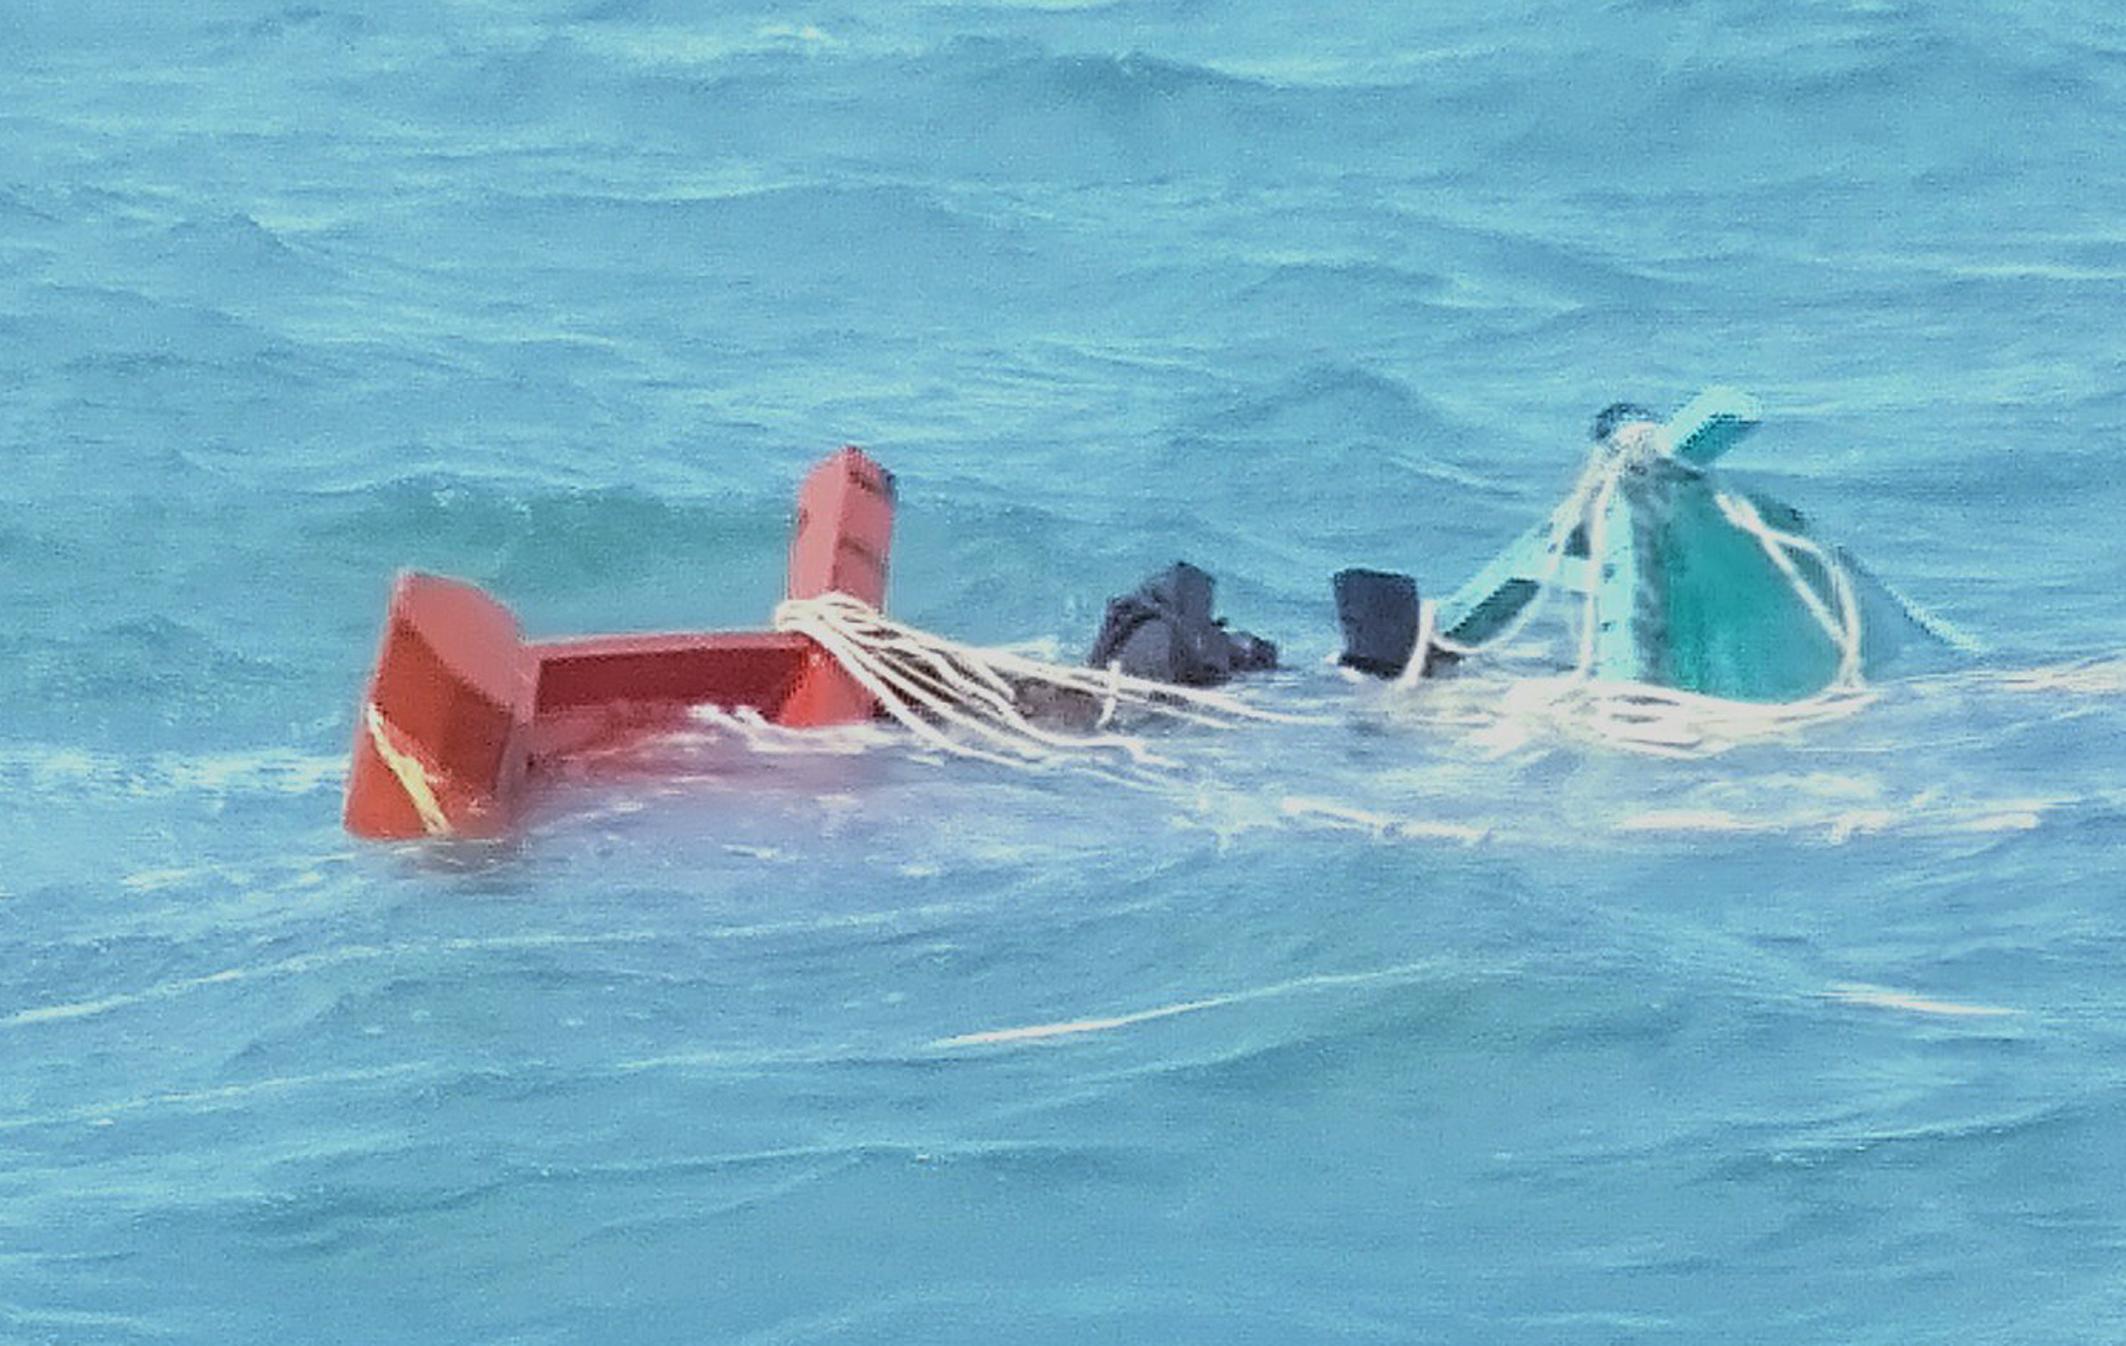 Trắng đêm tìm kiếm kịp thời cứu sống 7 ngư dân chìm tàu trôi trên biển - Ảnh 1.